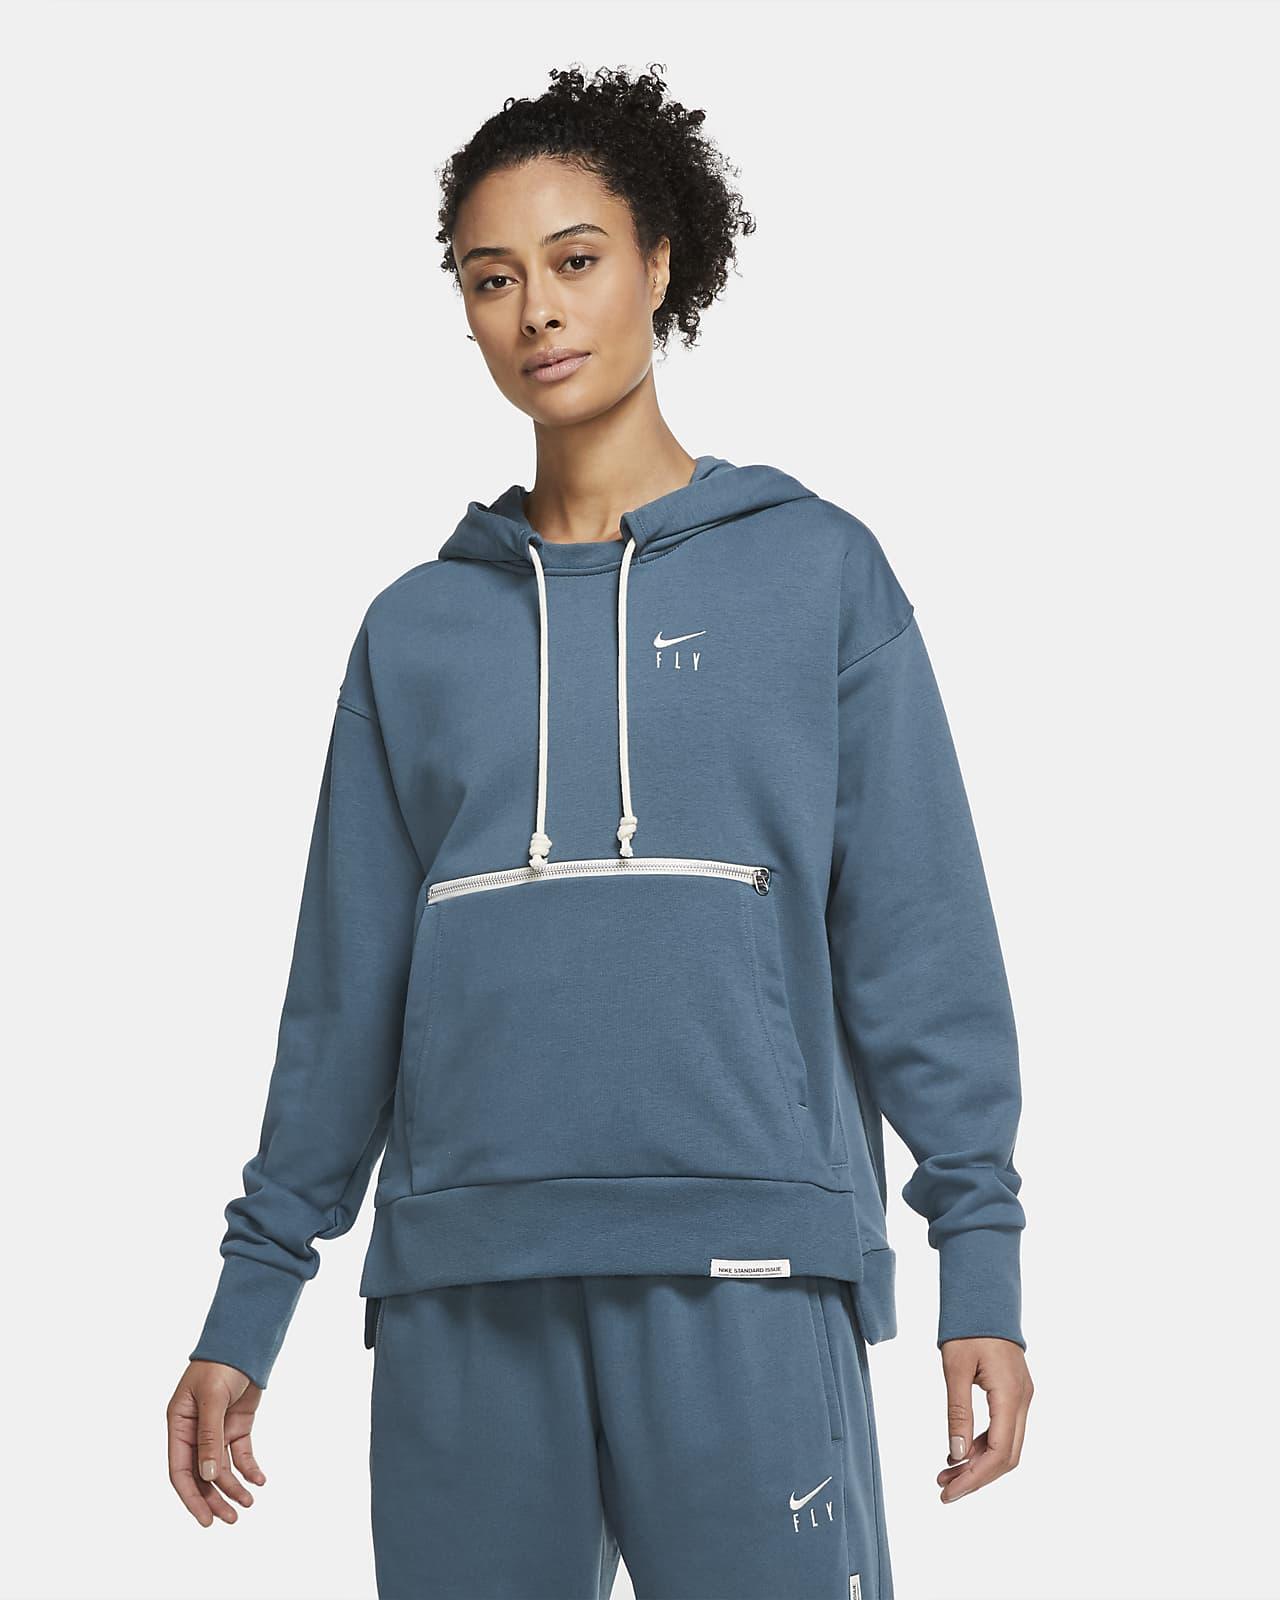 Sudadera con capucha sin cierre de básquetbol para mujer Nike Swoosh Fly Standard Issue